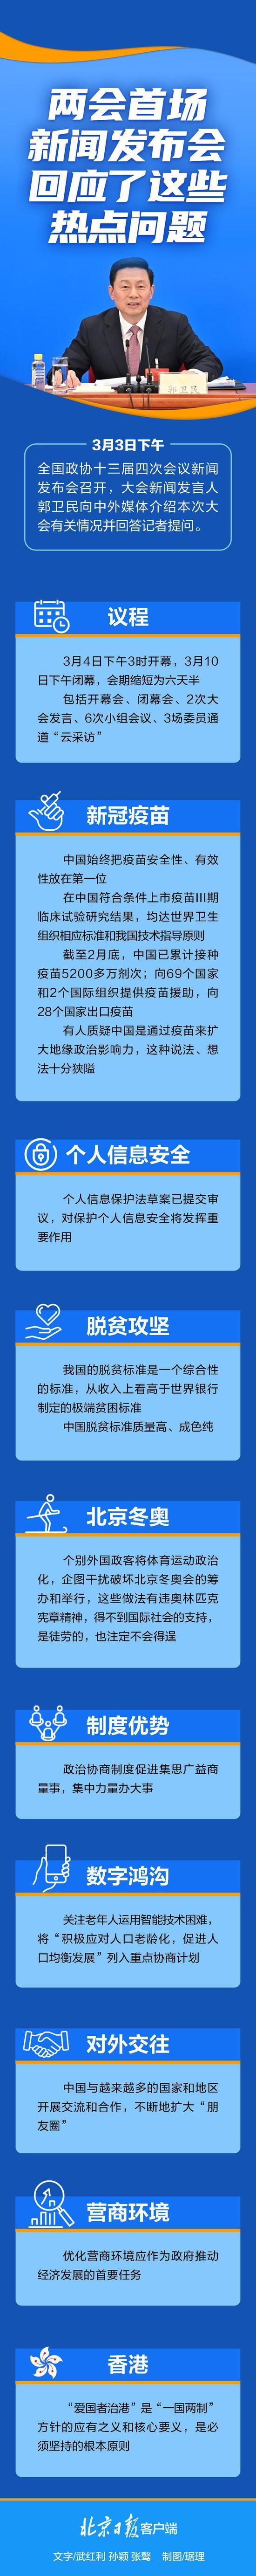 疫苗、冬奥、香港……两会首场发布会回应了这些热点问题